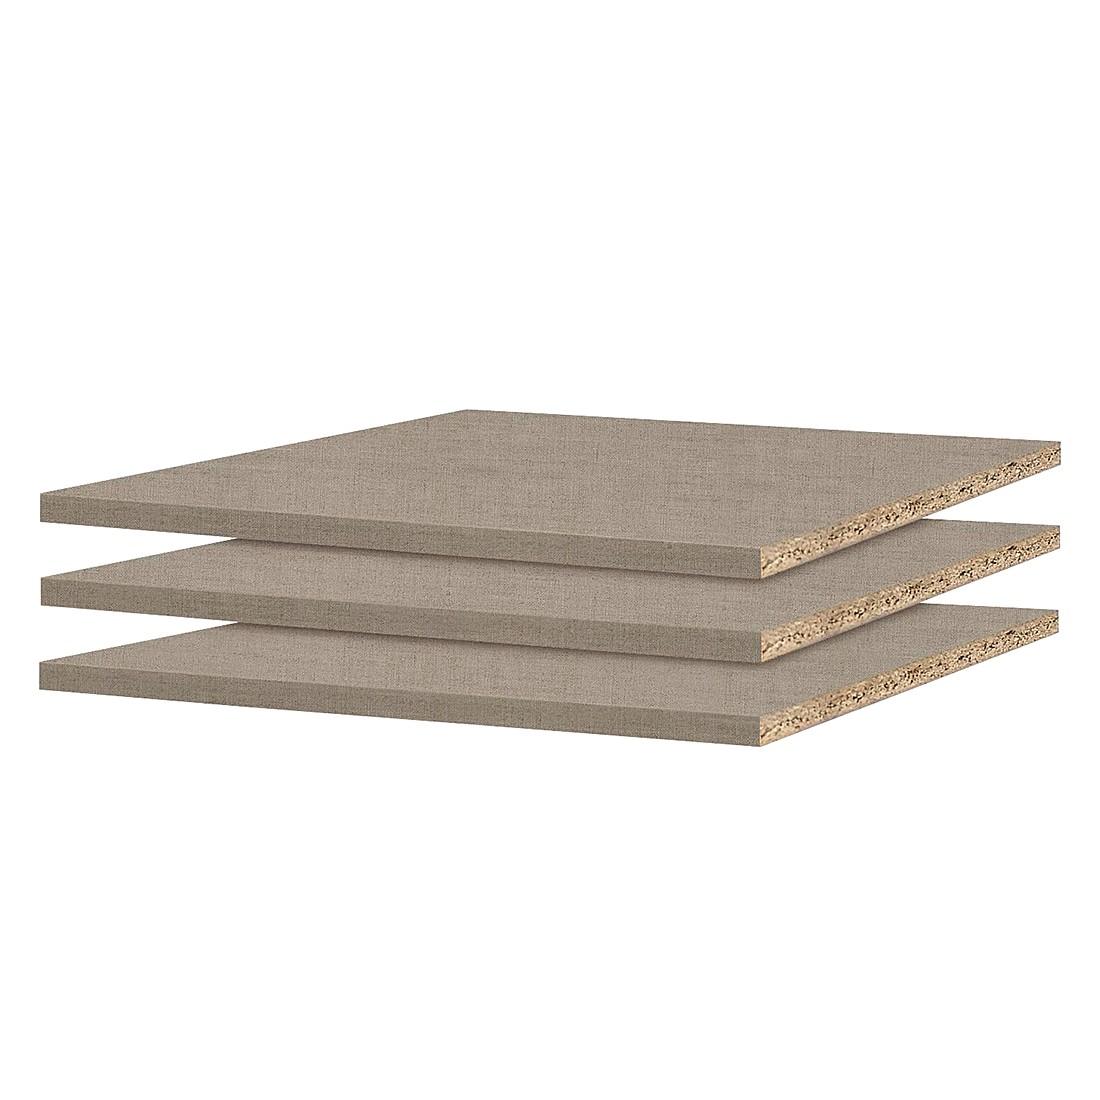 Inlegplanken (3 delige set) geschikt voor kastelementen met een breedte van 45cm en een diepte van 54 56cm, Rauch Packs